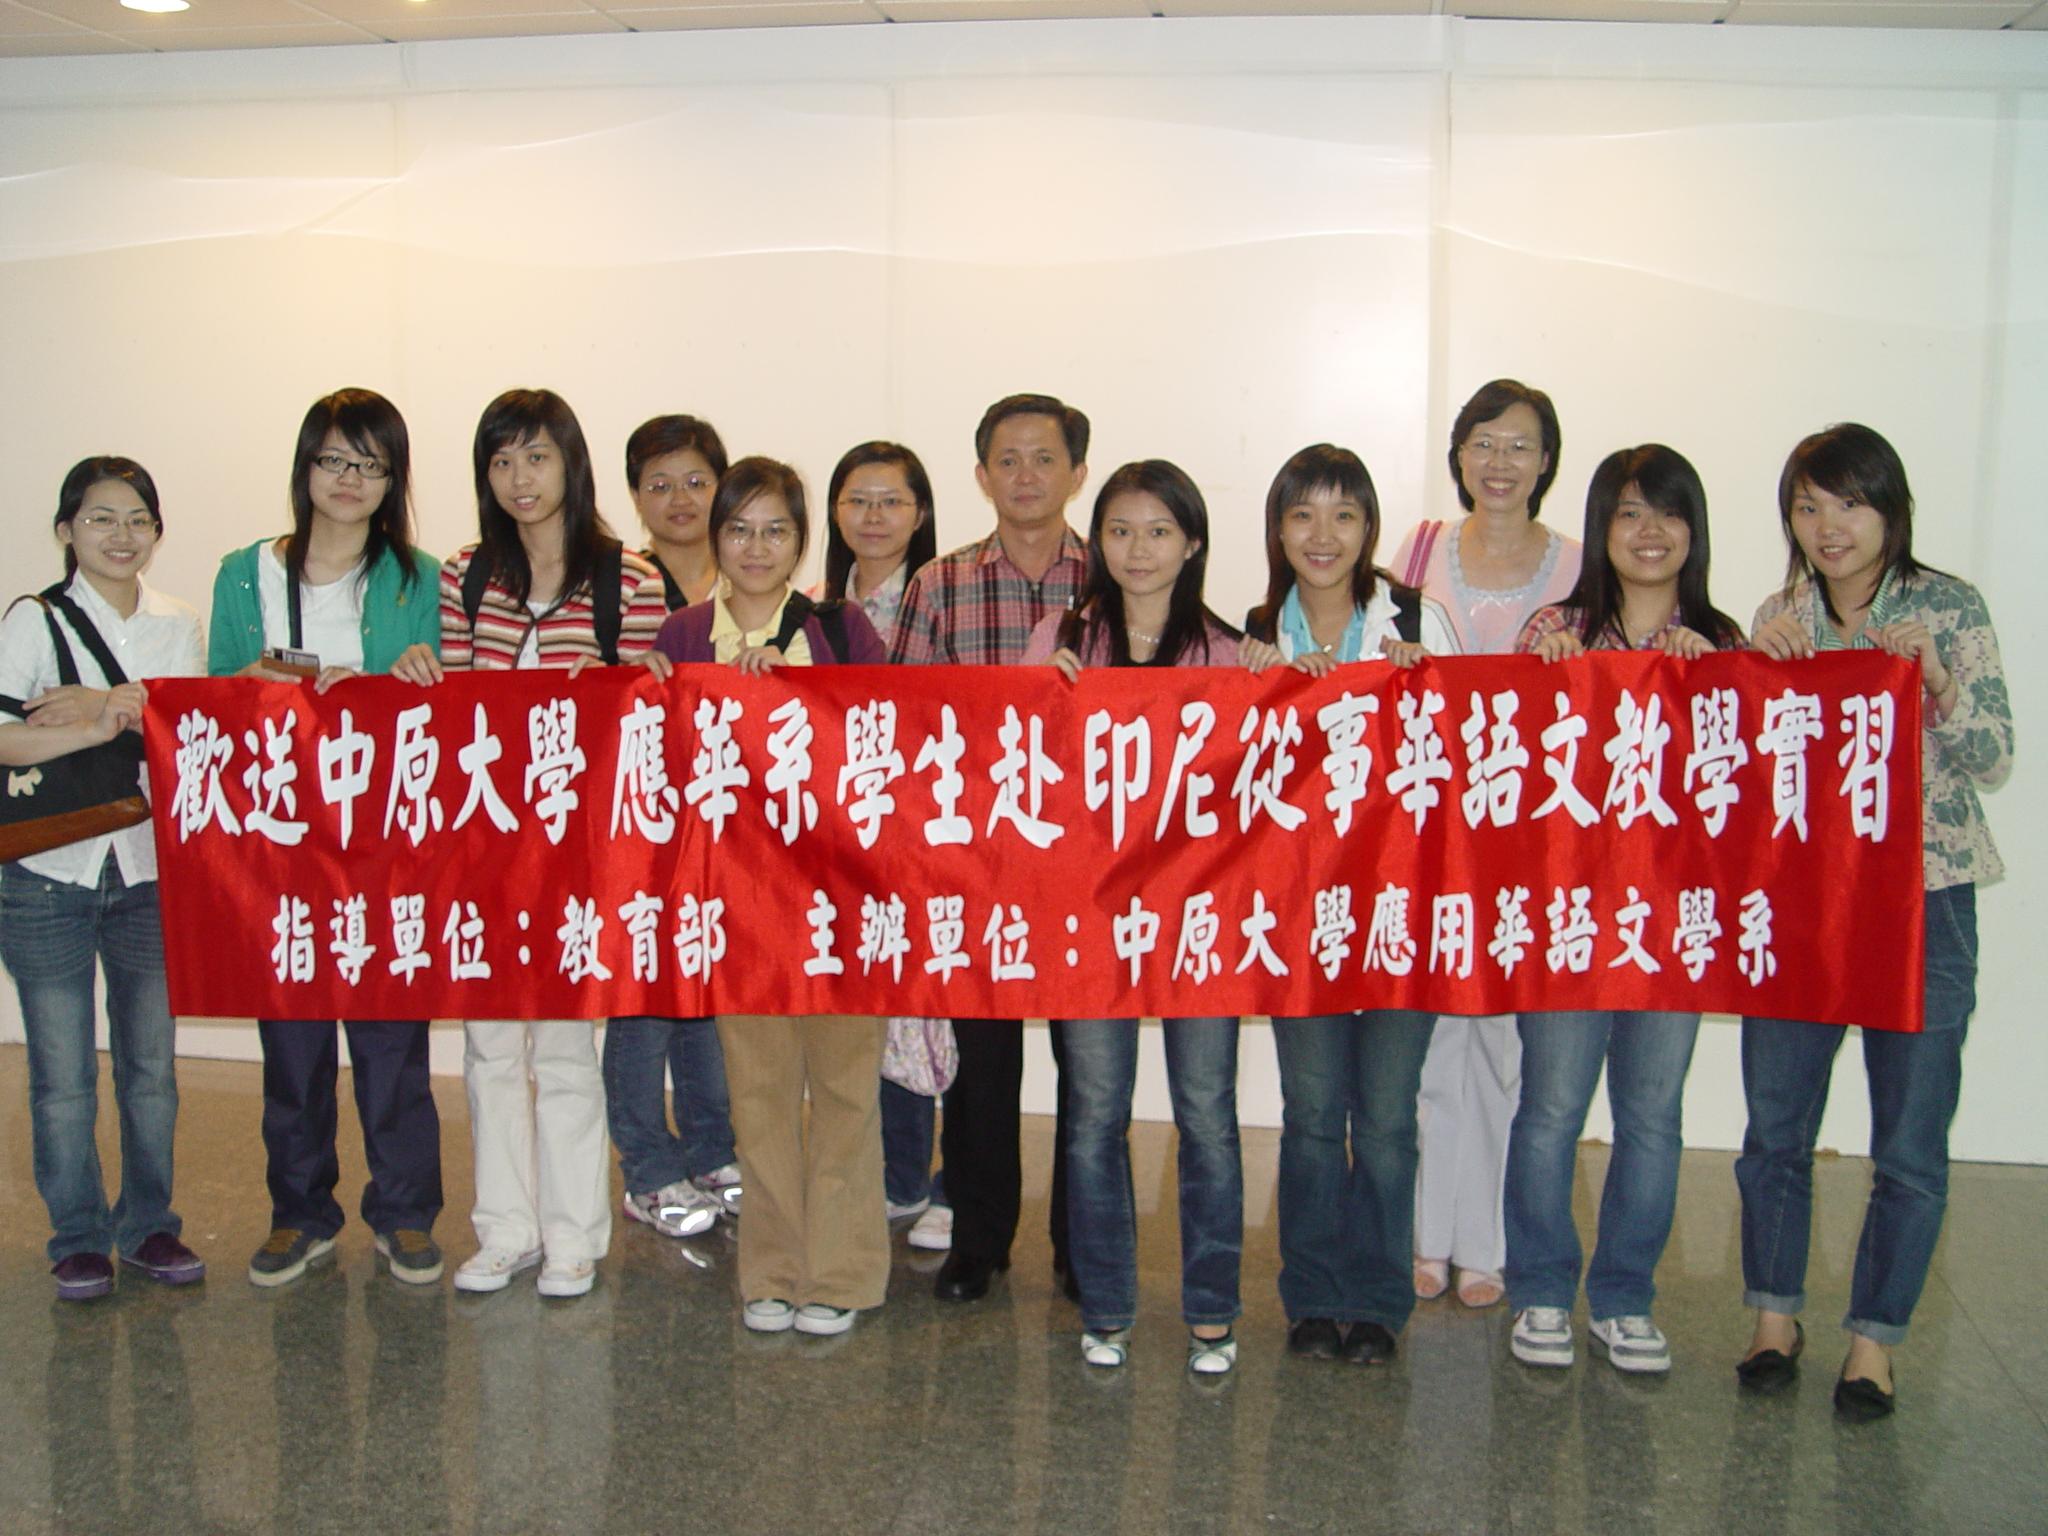 首開風氣之先河 中原應華系學生赴印尼從事華語教學實習